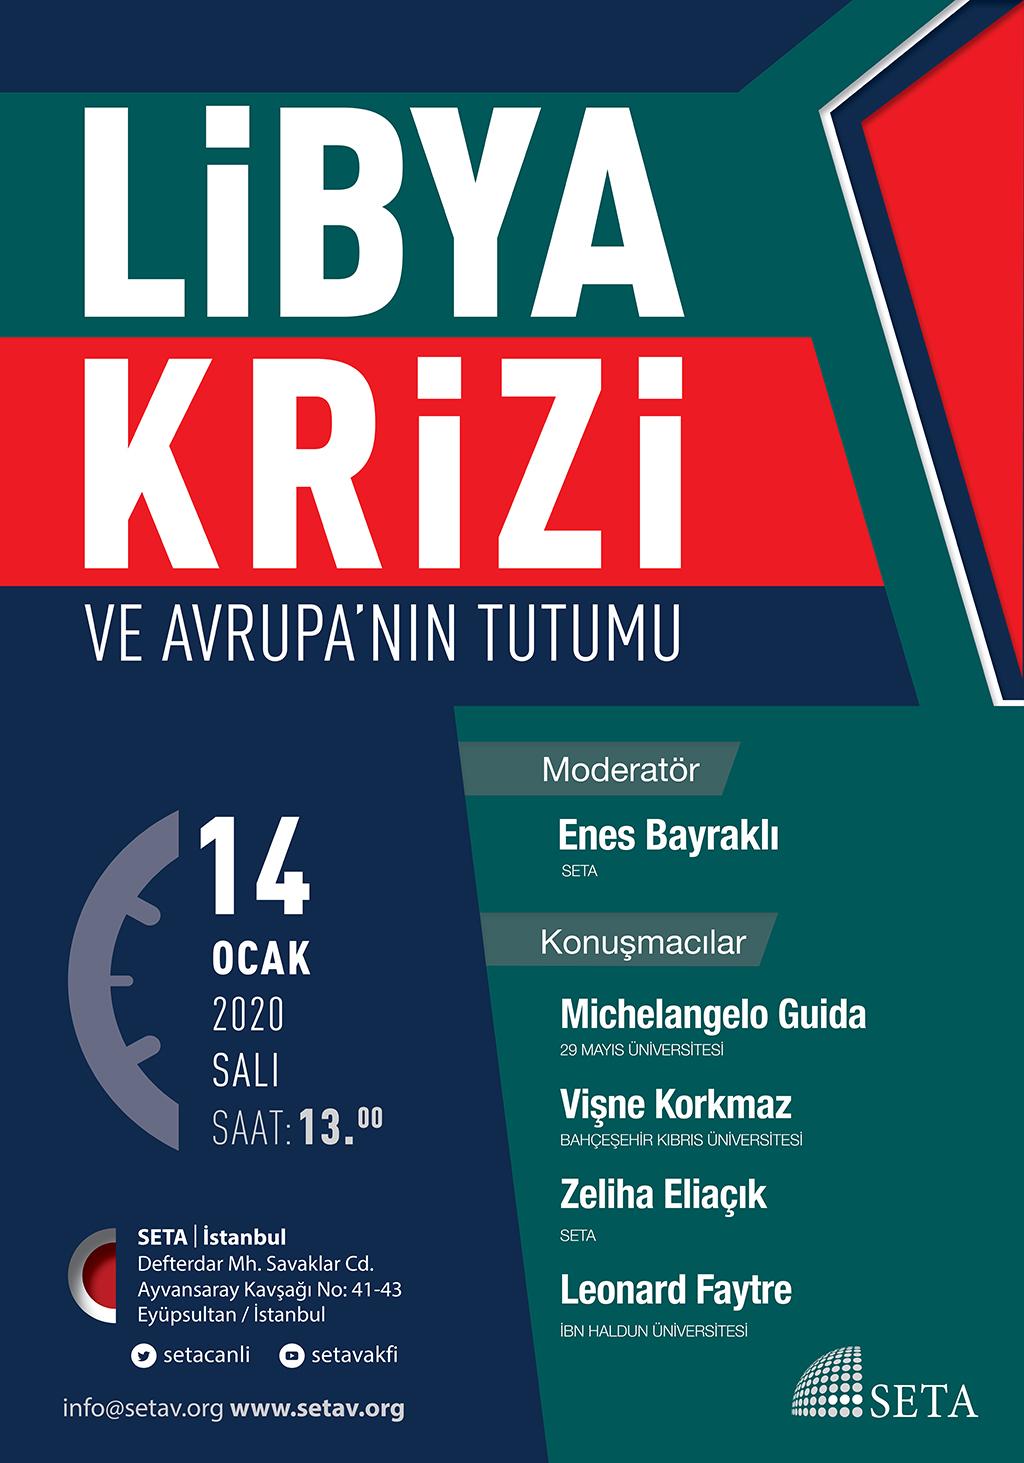 Panel: Libya Krizi ve Avrupa'nın Tutumu